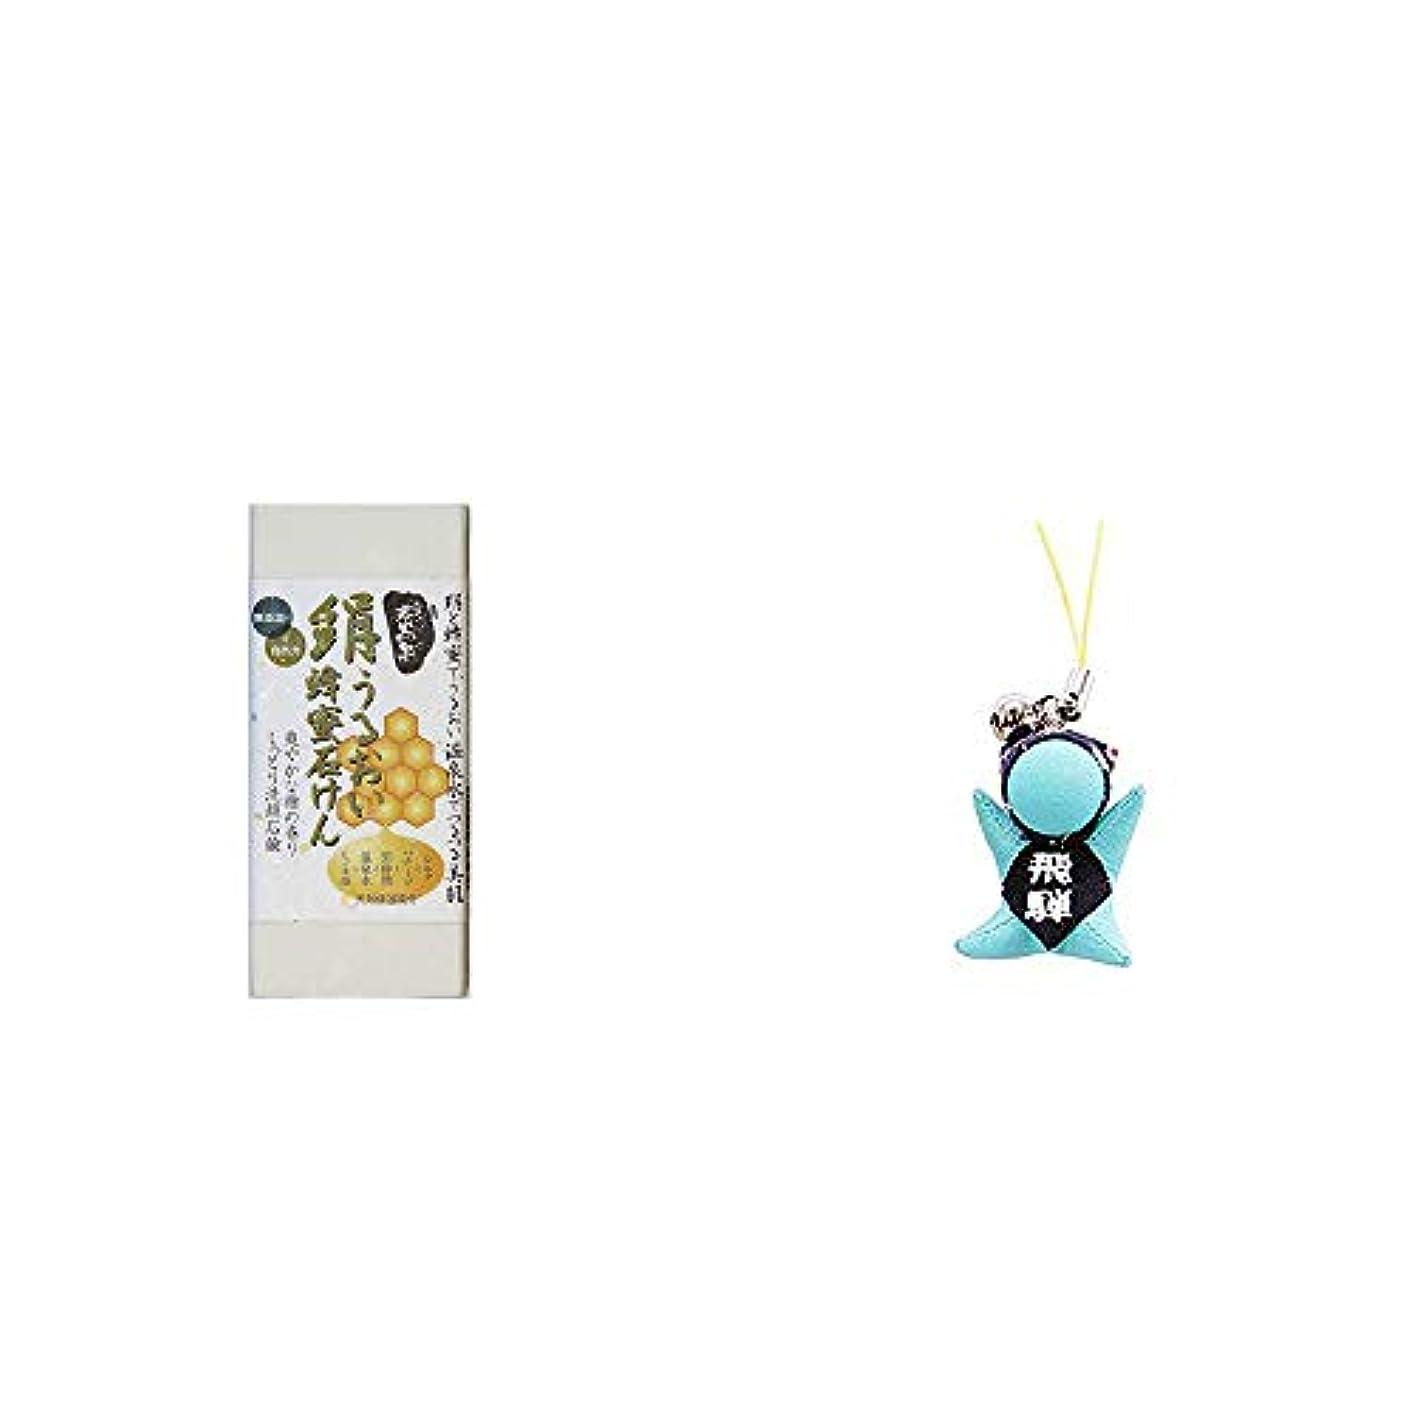 避難するピークペック[2点セット] ひのき炭黒泉 絹うるおい蜂蜜石けん(75g×2)?さるぼぼ幸福ストラップ 【青】 / 風水カラー全9種類 合格祈願?出世祈願 お守り//